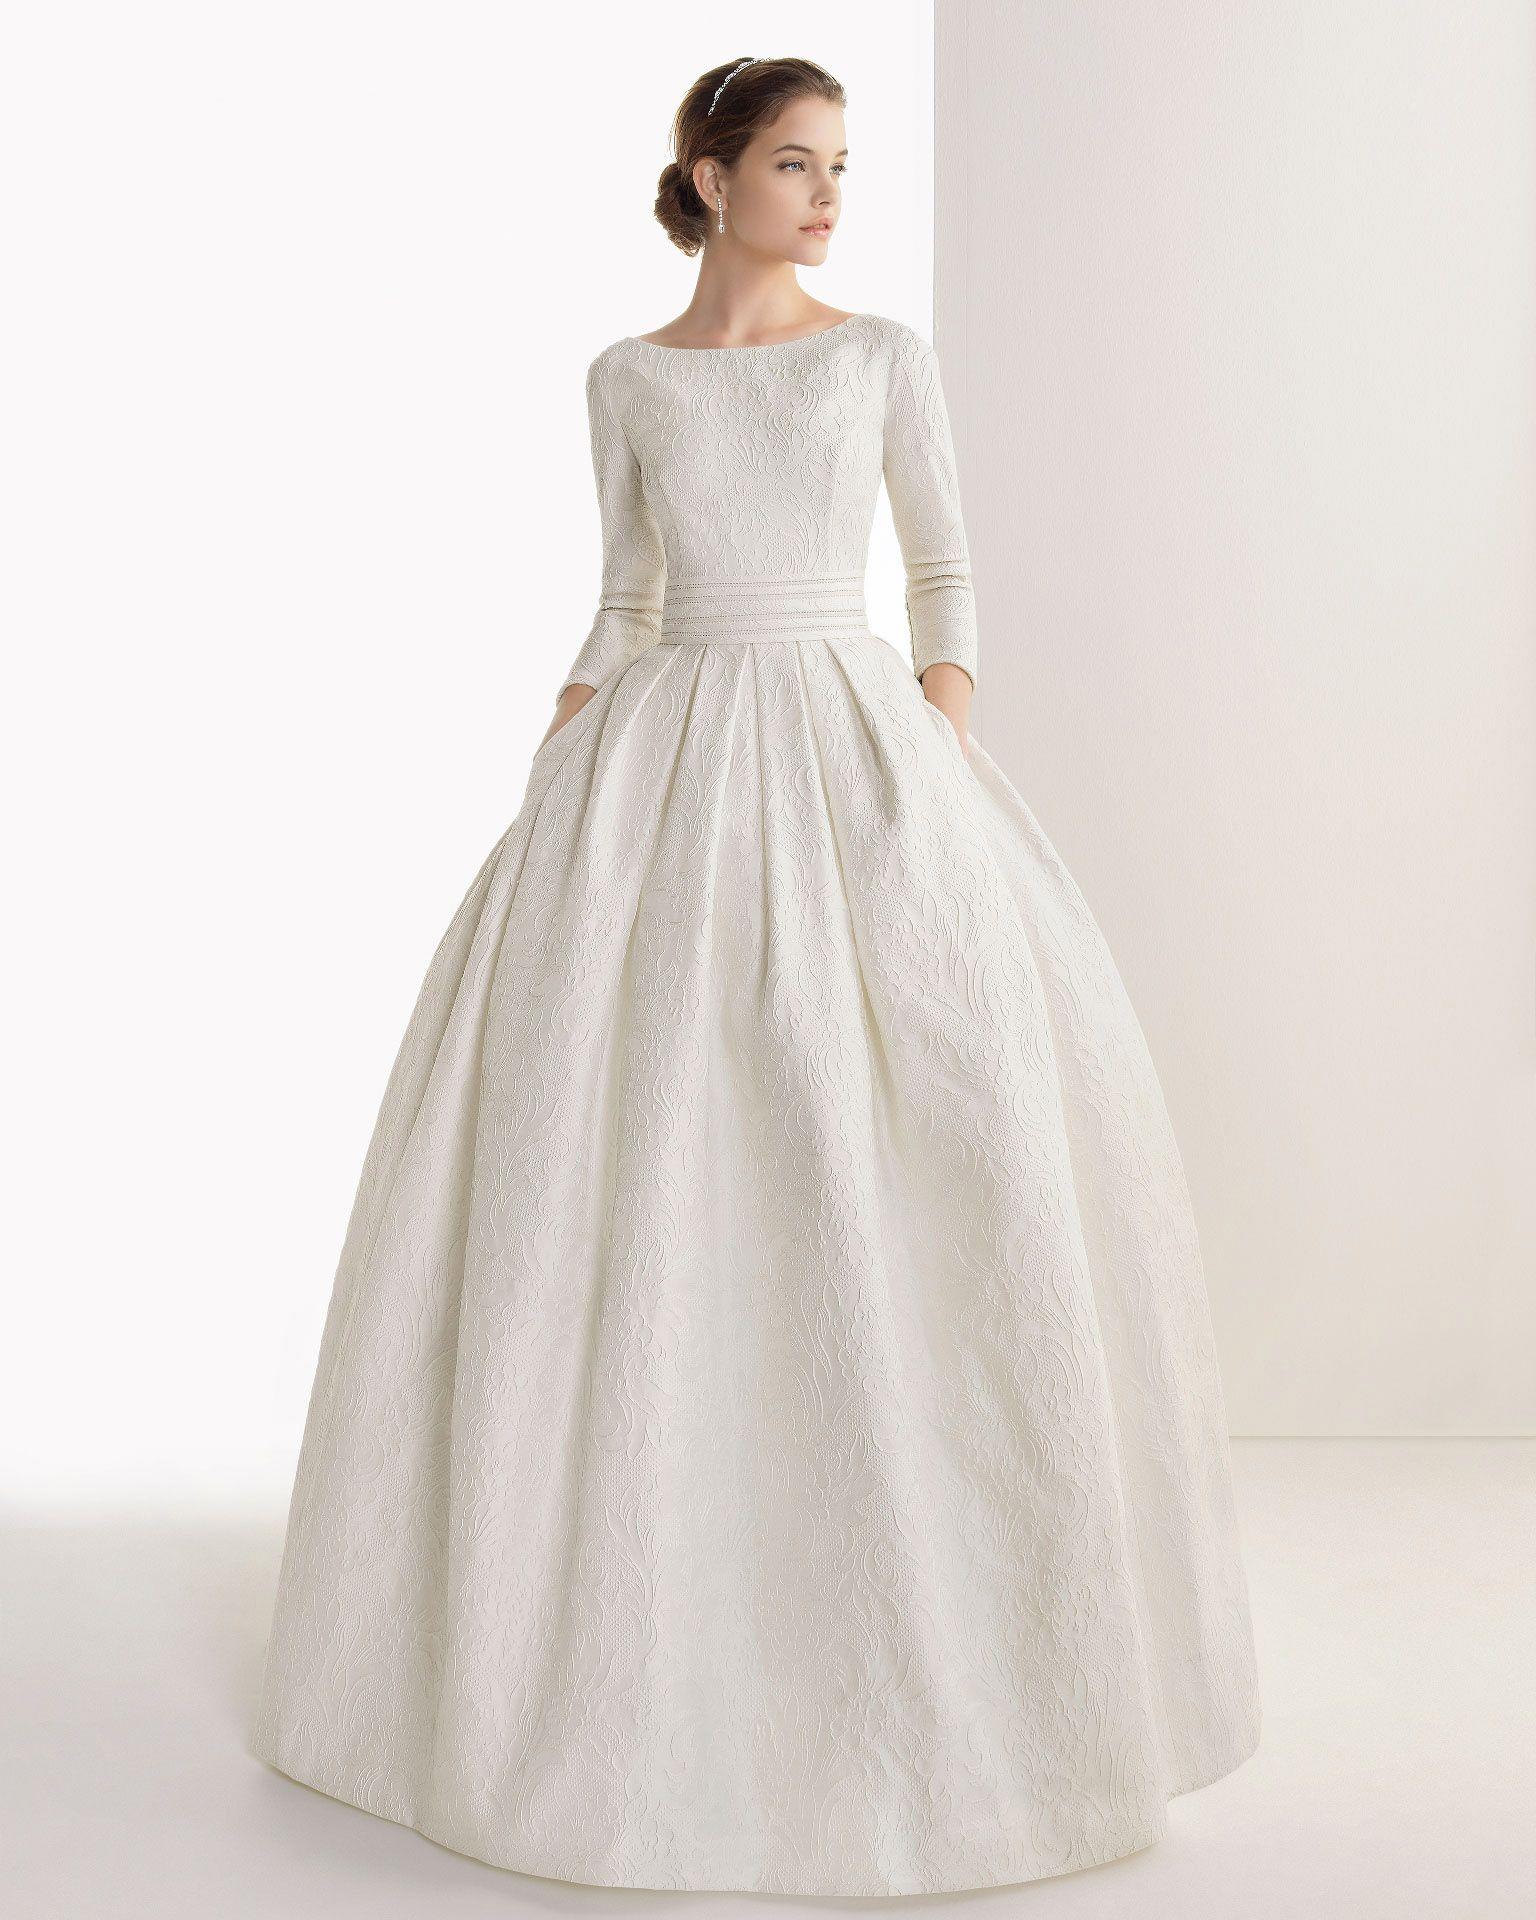 Фасон этого платья словно сошел с рисунков одежд королев и принцесс. Восхитительное, строгое платье с длинным рукавом, круглой горловиной и пышной юбкой без